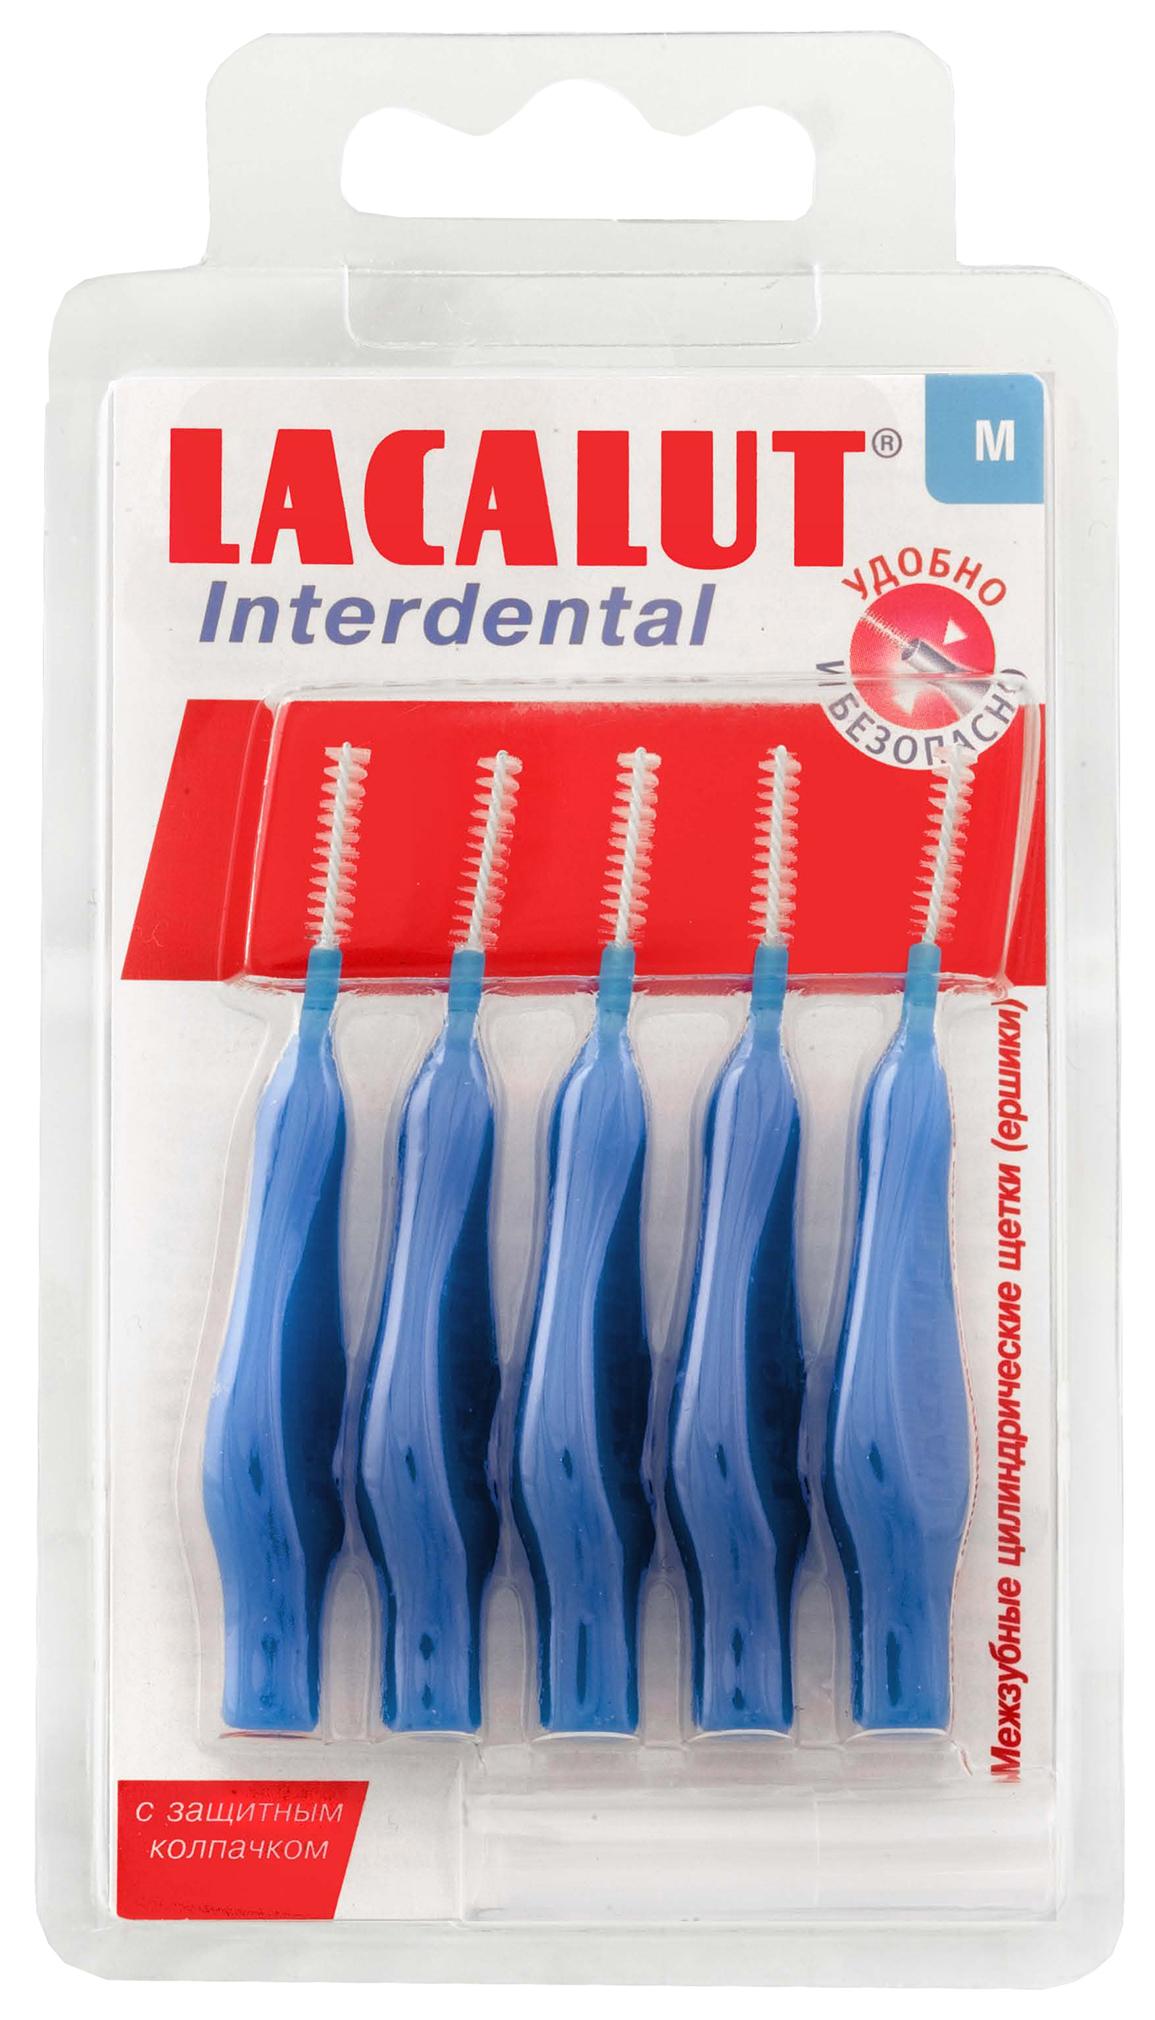 Ершик для зубов Lacalut Interdental M